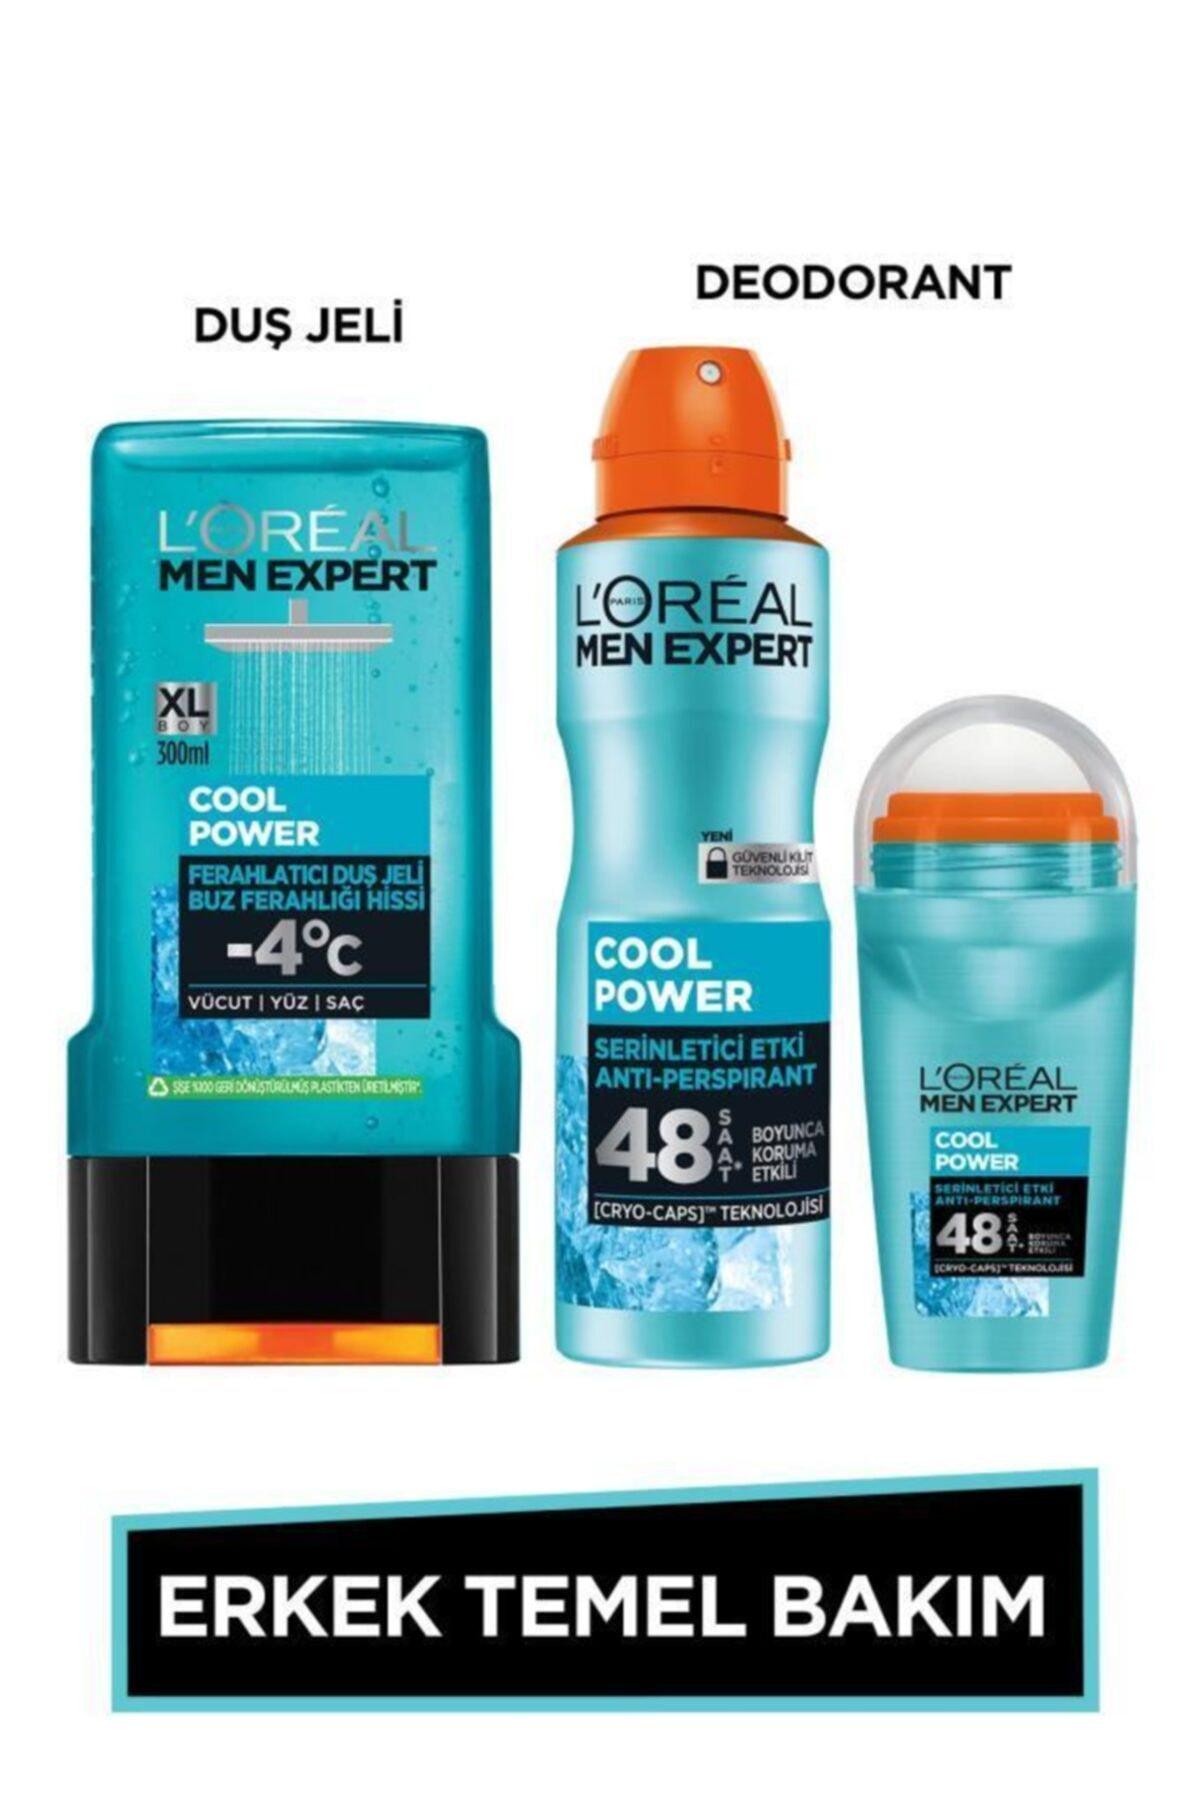 Erkek Temel Bakım Seti Cool Power Ferahlatıcı Duş Jeli 300ml + Cool Power Deodorant + Roll on